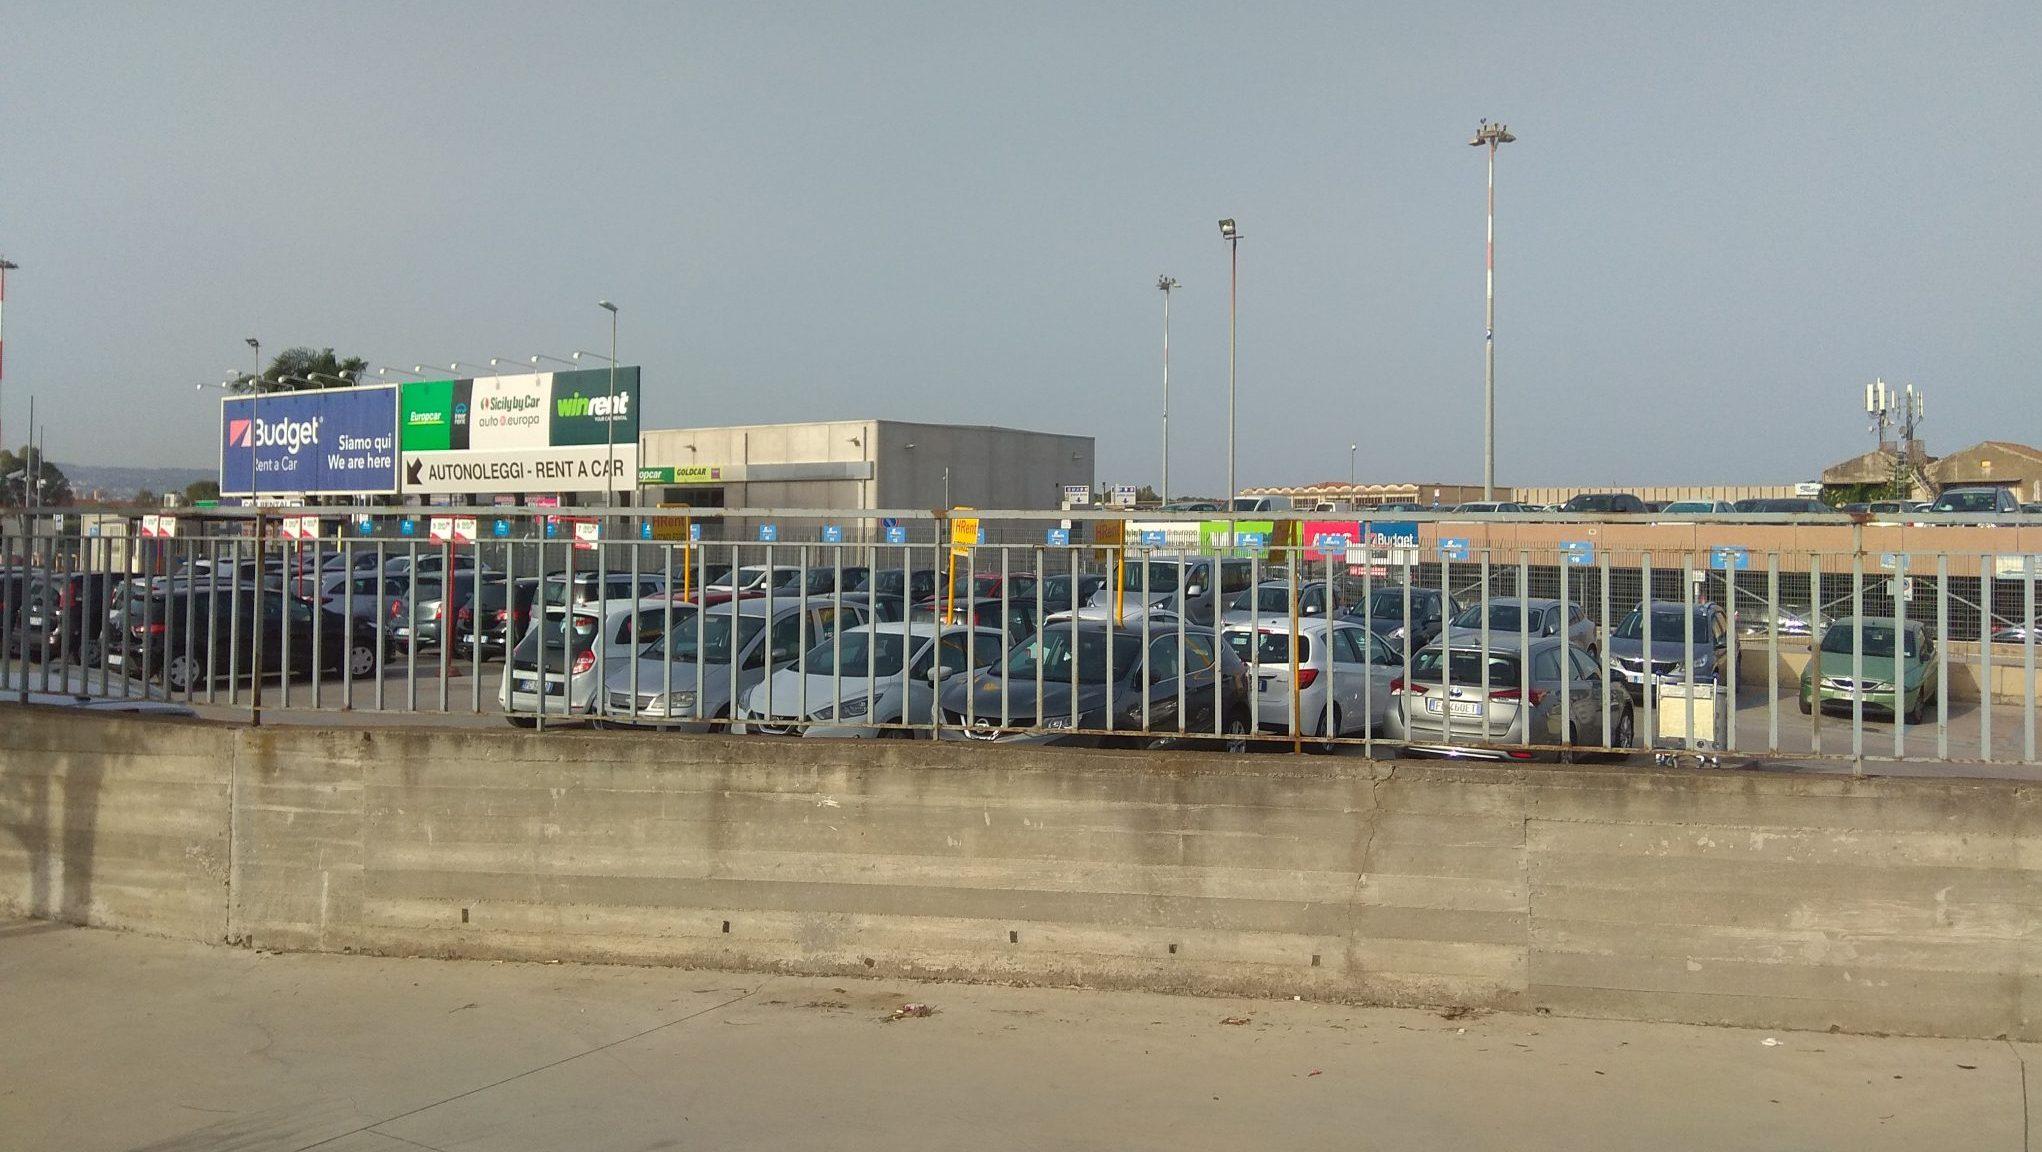 Carteles aeropuerto Catania empresas alquiler de coches